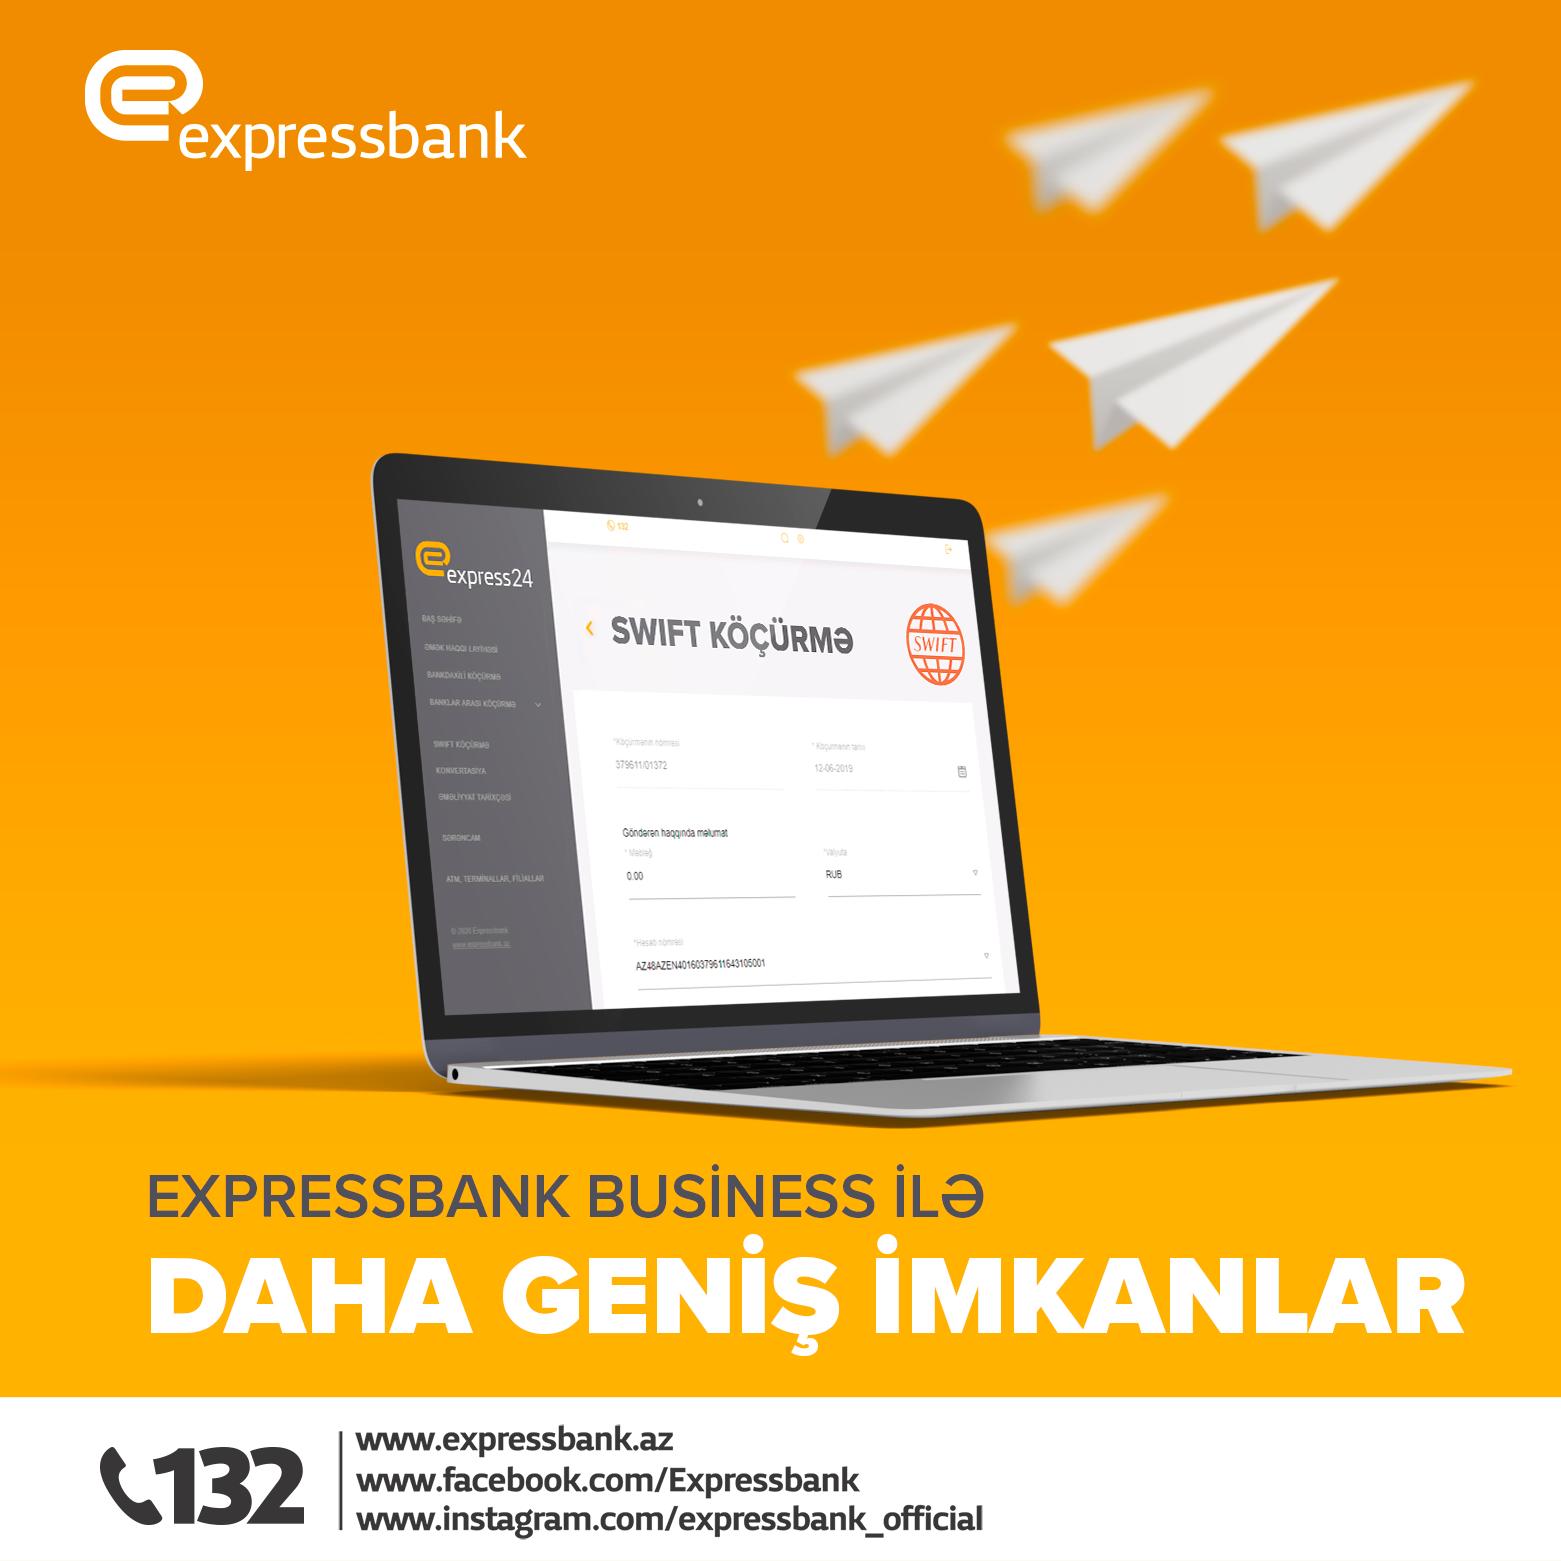 Expressbank-dan müştərilərinə daha bir yenilik!